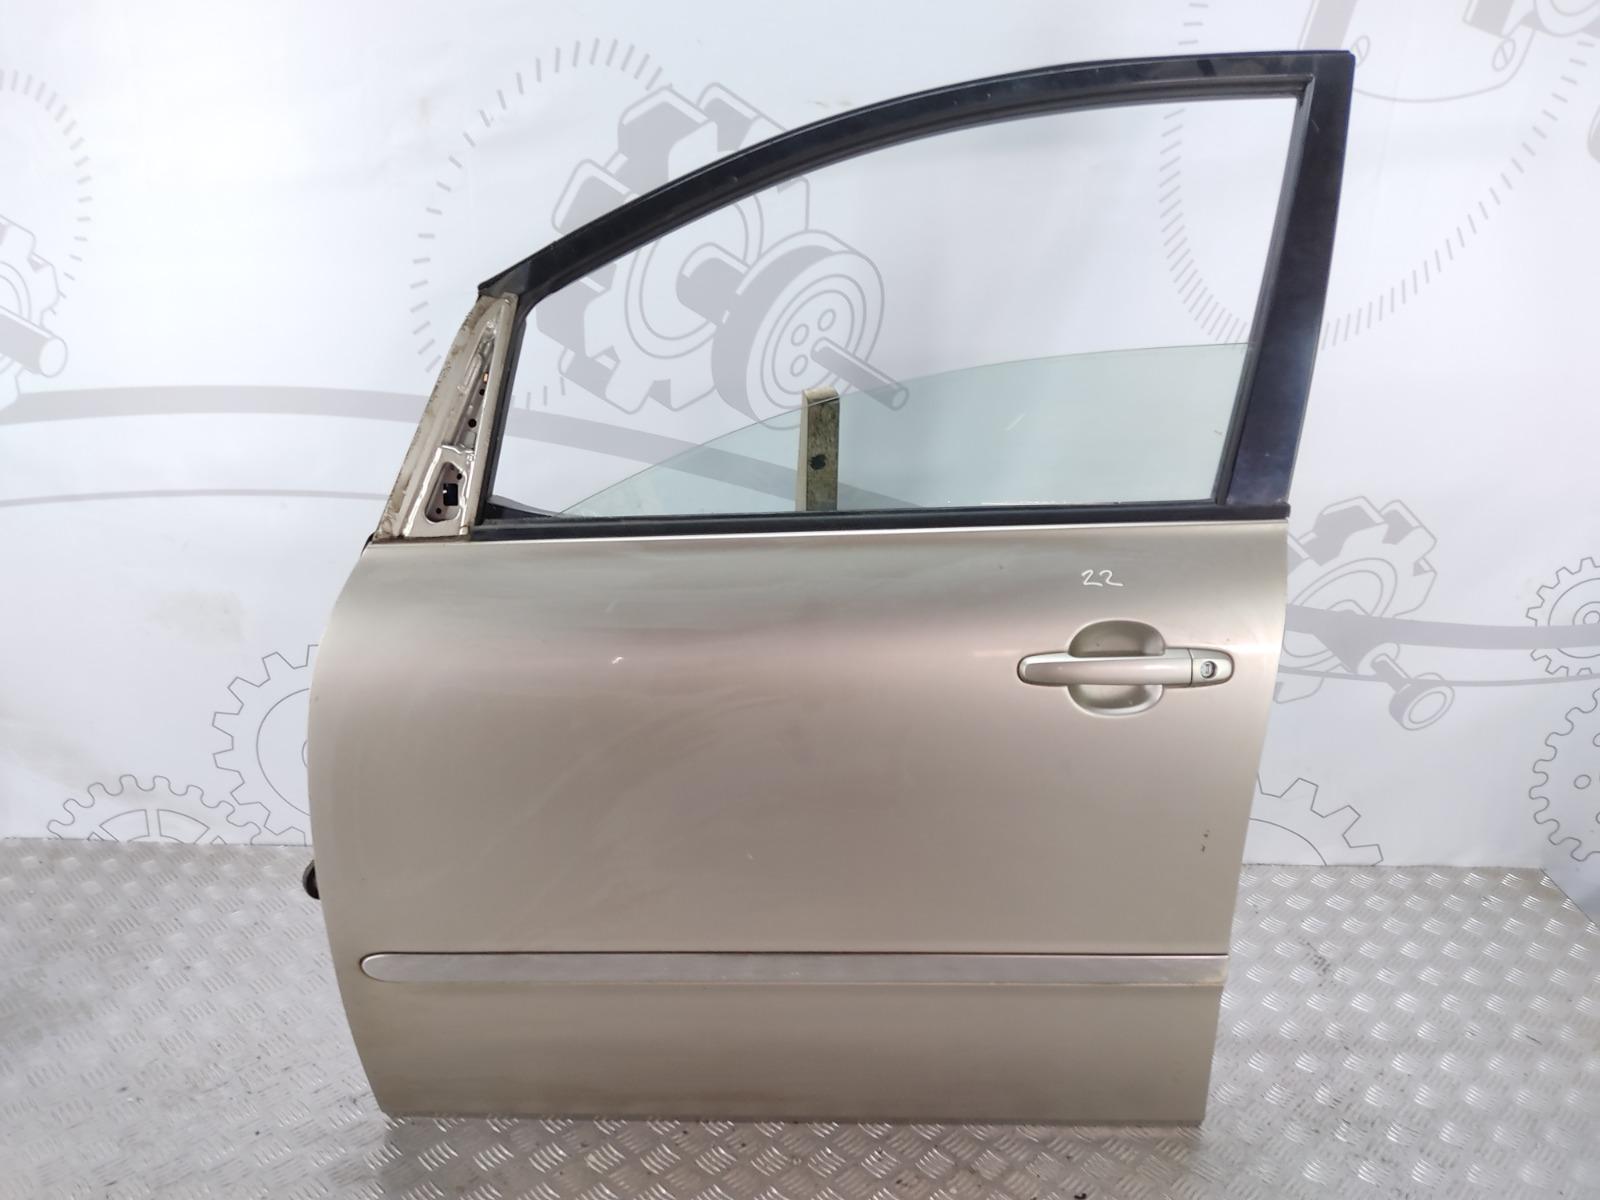 Дверь передняя левая Toyota Avensis Verso 2.0 D-4D 2002 (б/у)